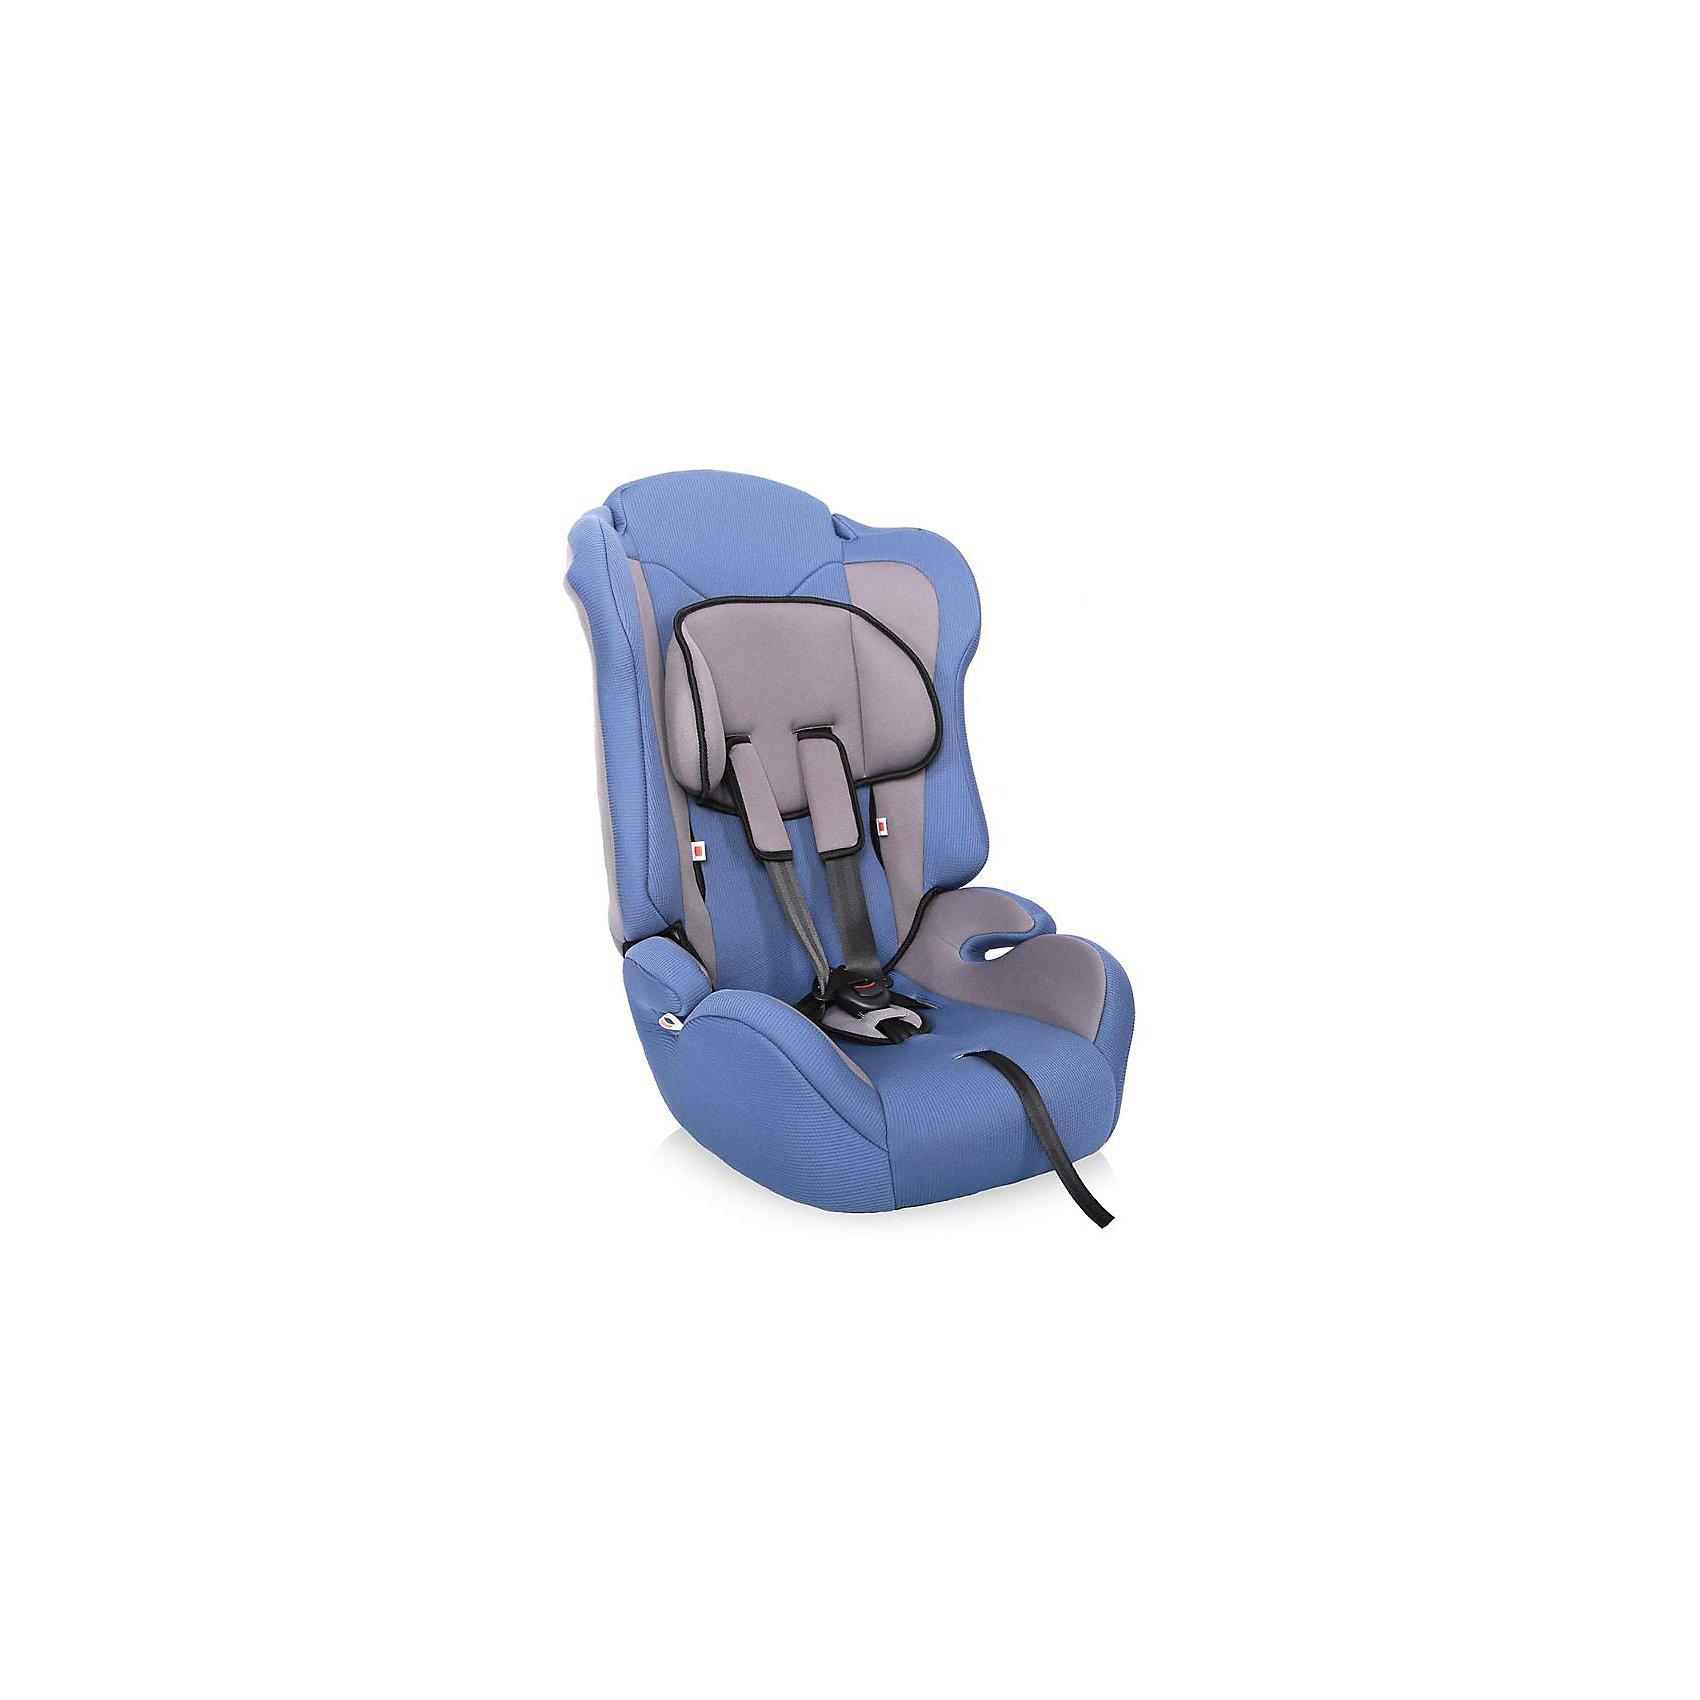 Автокресло Atlantic 9-36 кг., Zlatek, синийМодель детского автокресла Atlantic Zlatek рассчитано на детей в возрасте от 1 года до 12 лет. Удобная анатомическое сидение и возможность регулировки наклона спинки сделают путешествие ребенка максимально комфортным. По мере роста малыша кресло можно трансформировать в бустер.<br><br>Дополнительная информация:<br><br>- Материал: текстиль, пластик, металл.<br>- Размер: 68x47x41 см<br>- Возраст: от 1 года до 12 лет<br>- Группа: 1/2/3 (9-36 кг)<br>- Вес кресла: 5.3 кг<br>- Внутренние 5-точечные ремни безопасности<br>- Регулировка наклона спинки<br><br>Автокресло Atlantic 9-36 кг., Zlatek, синий можно купить в нашем интернет-магазине.<br><br>Ширина мм: 470<br>Глубина мм: 410<br>Высота мм: 680<br>Вес г: 5300<br>Возраст от месяцев: 12<br>Возраст до месяцев: 144<br>Пол: Унисекс<br>Возраст: Детский<br>SKU: 4809140